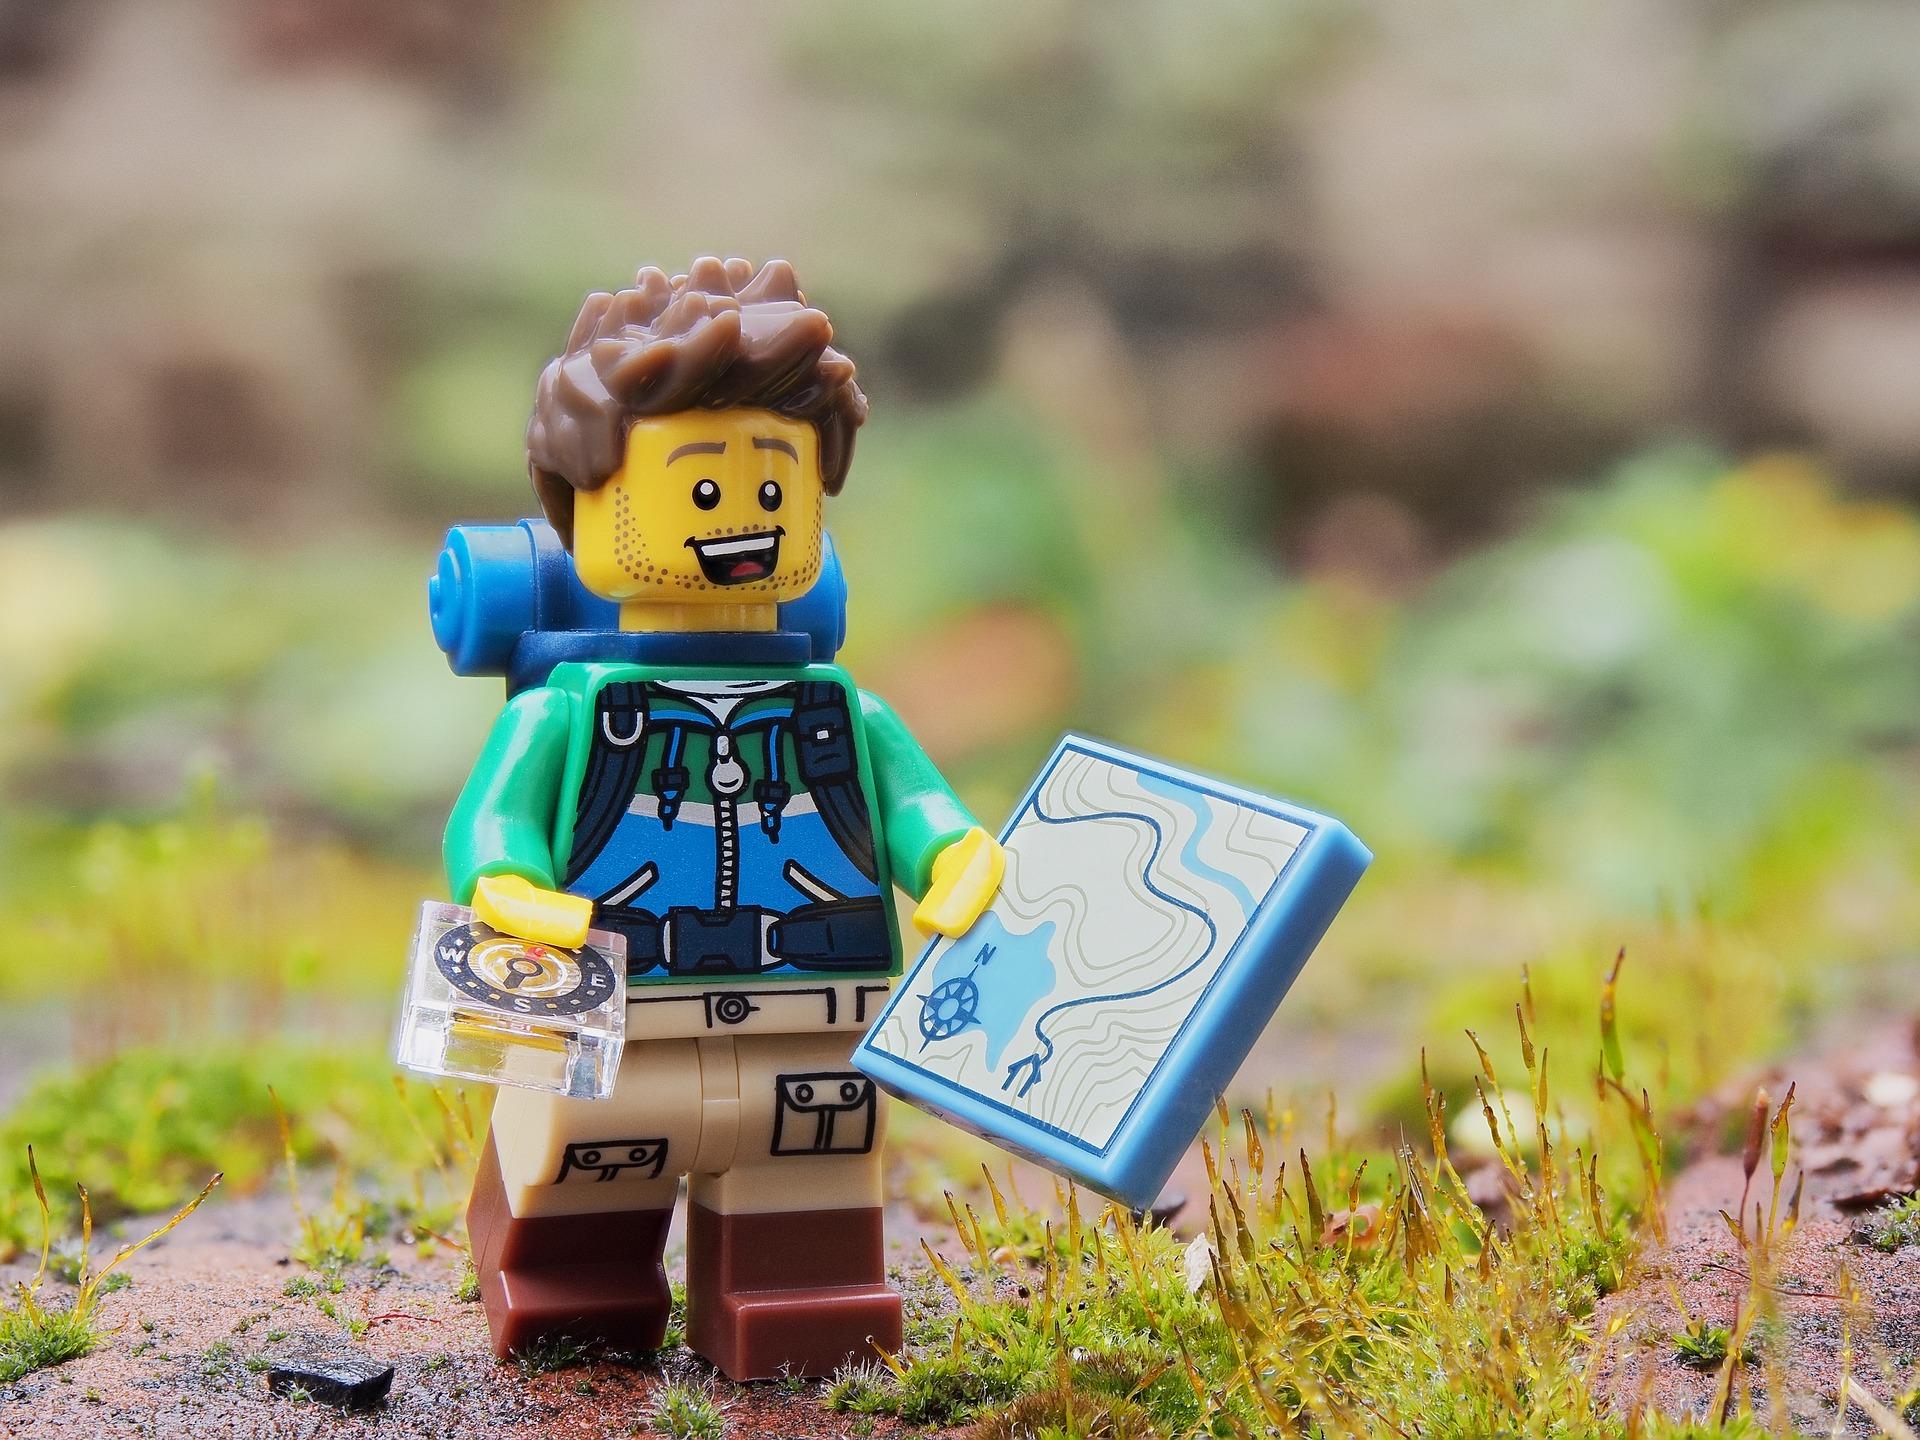 Course Image Enseña pensamiento computacional con Lego Wedo